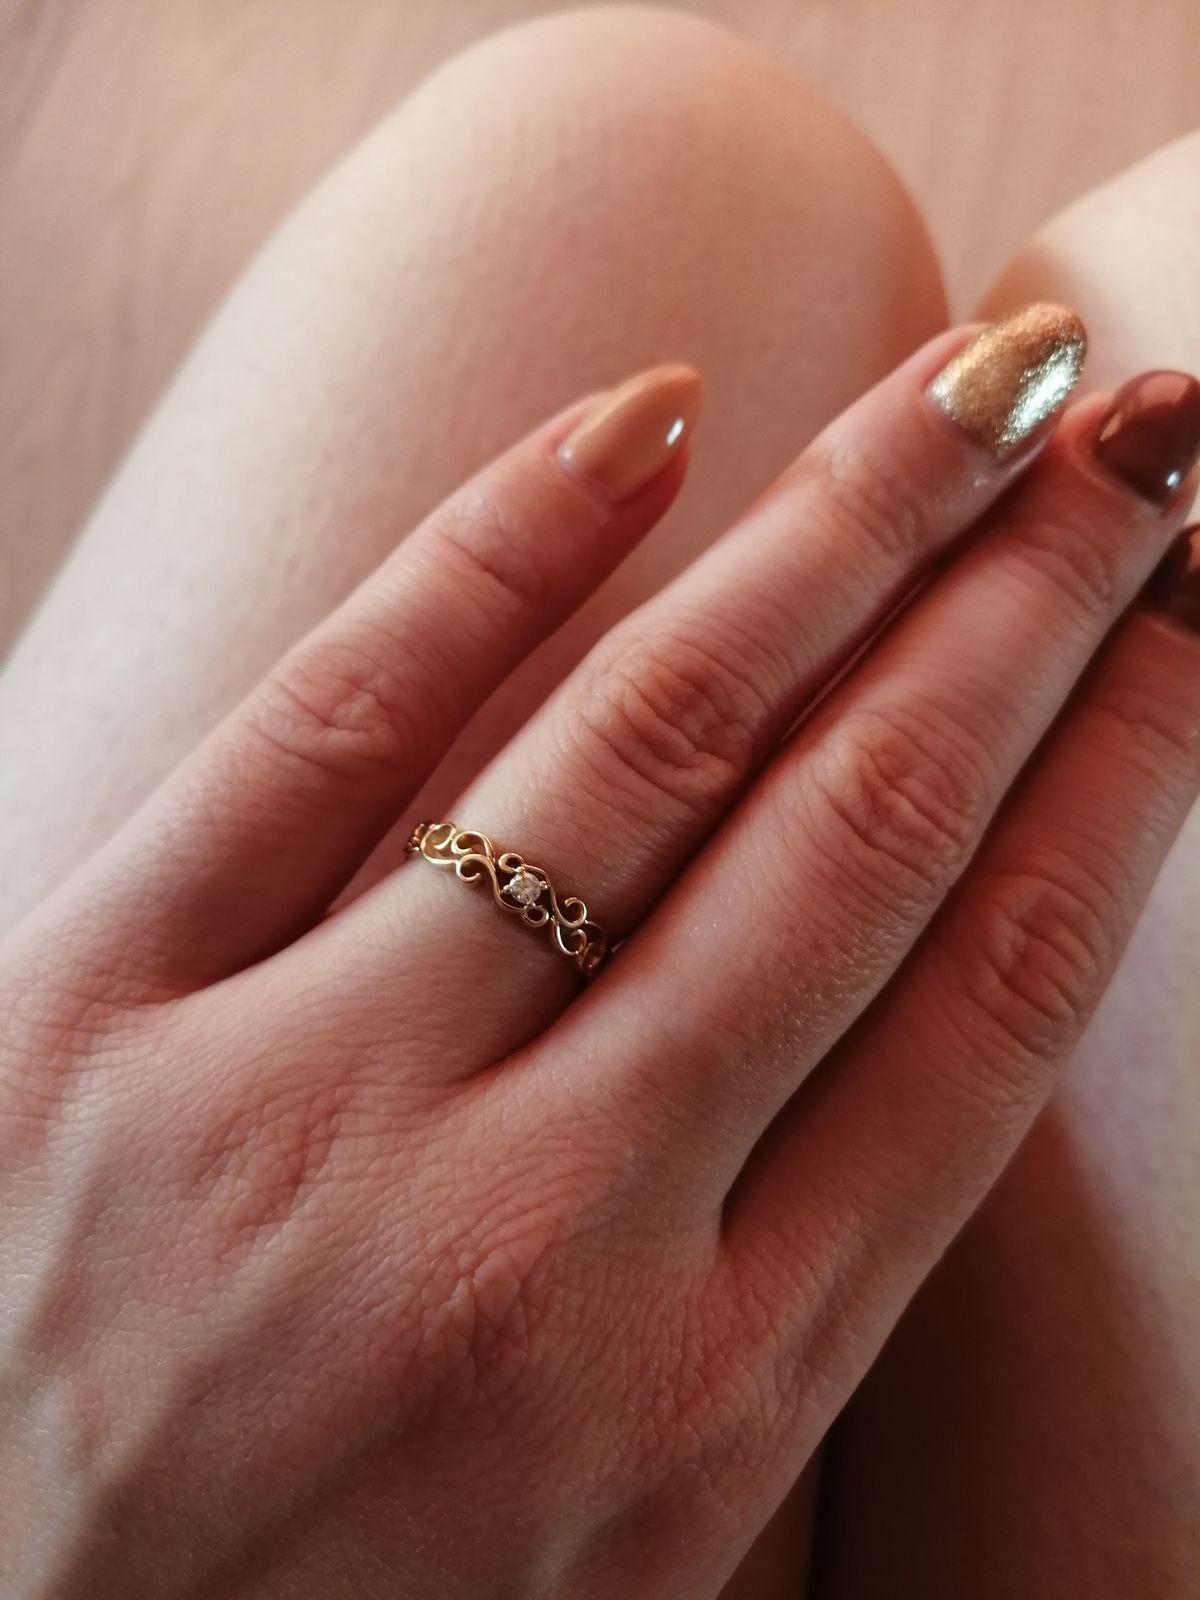 Теперь это моё любимое кольцо